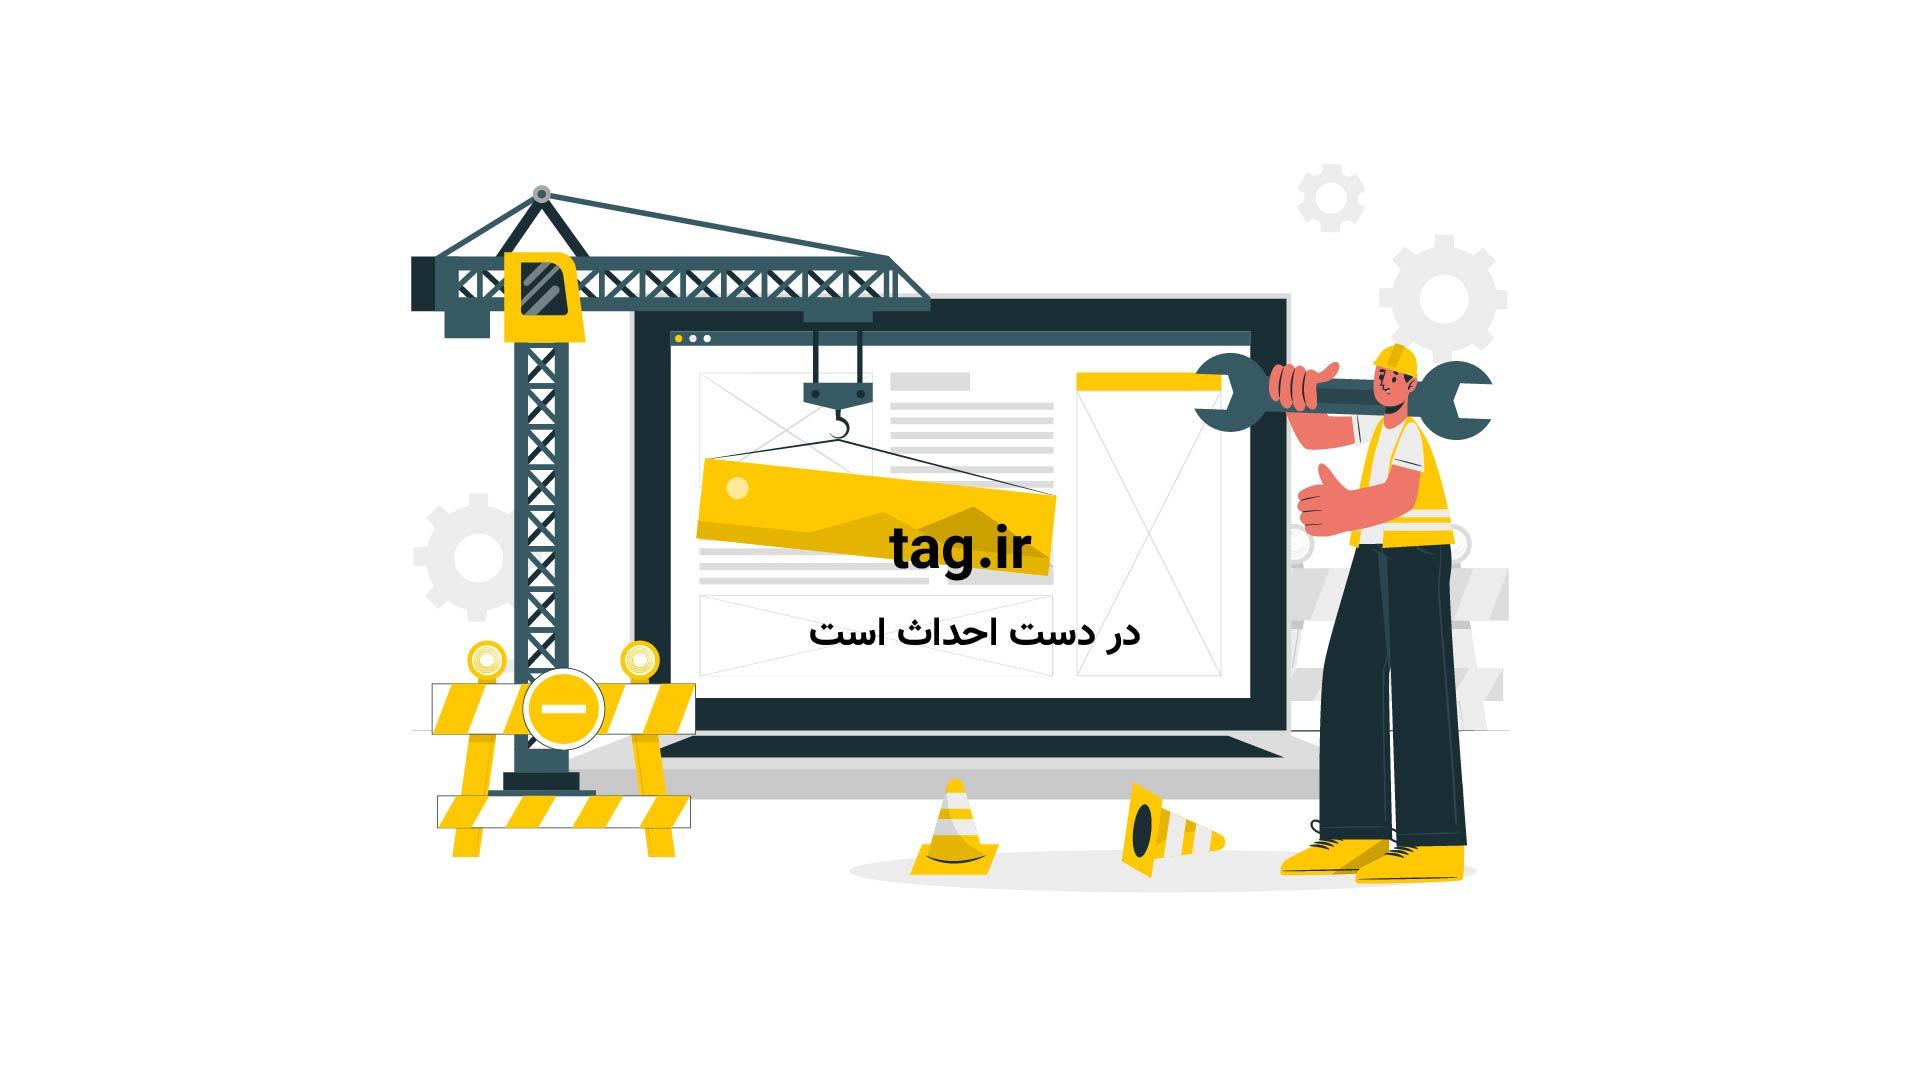 عروسی در عربستان | تگ